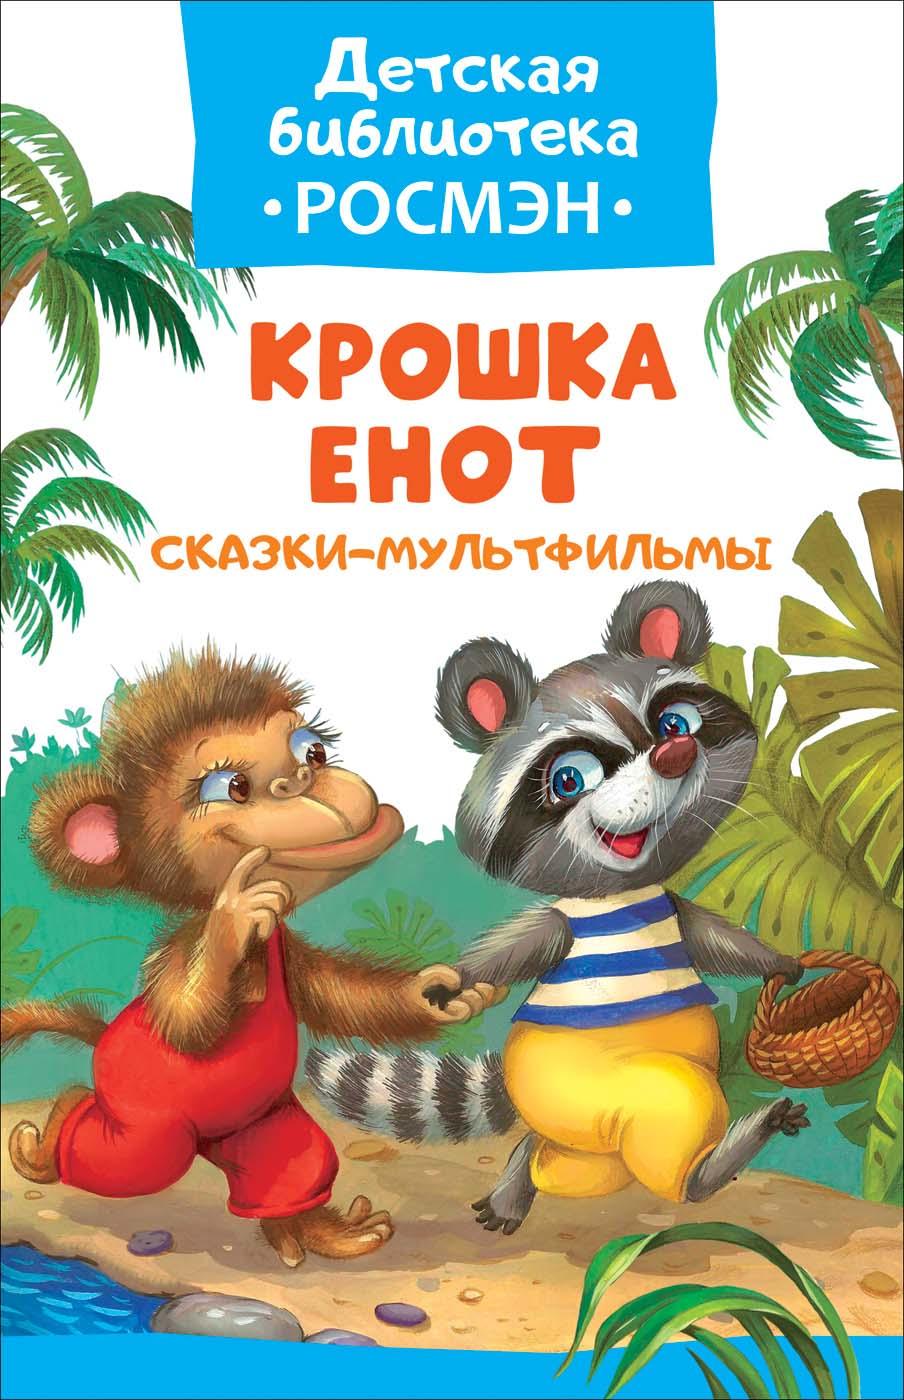 Купить Книга из серии Детская библиотека Росмэн - Сказки-мультфильмы. Крошка Енот